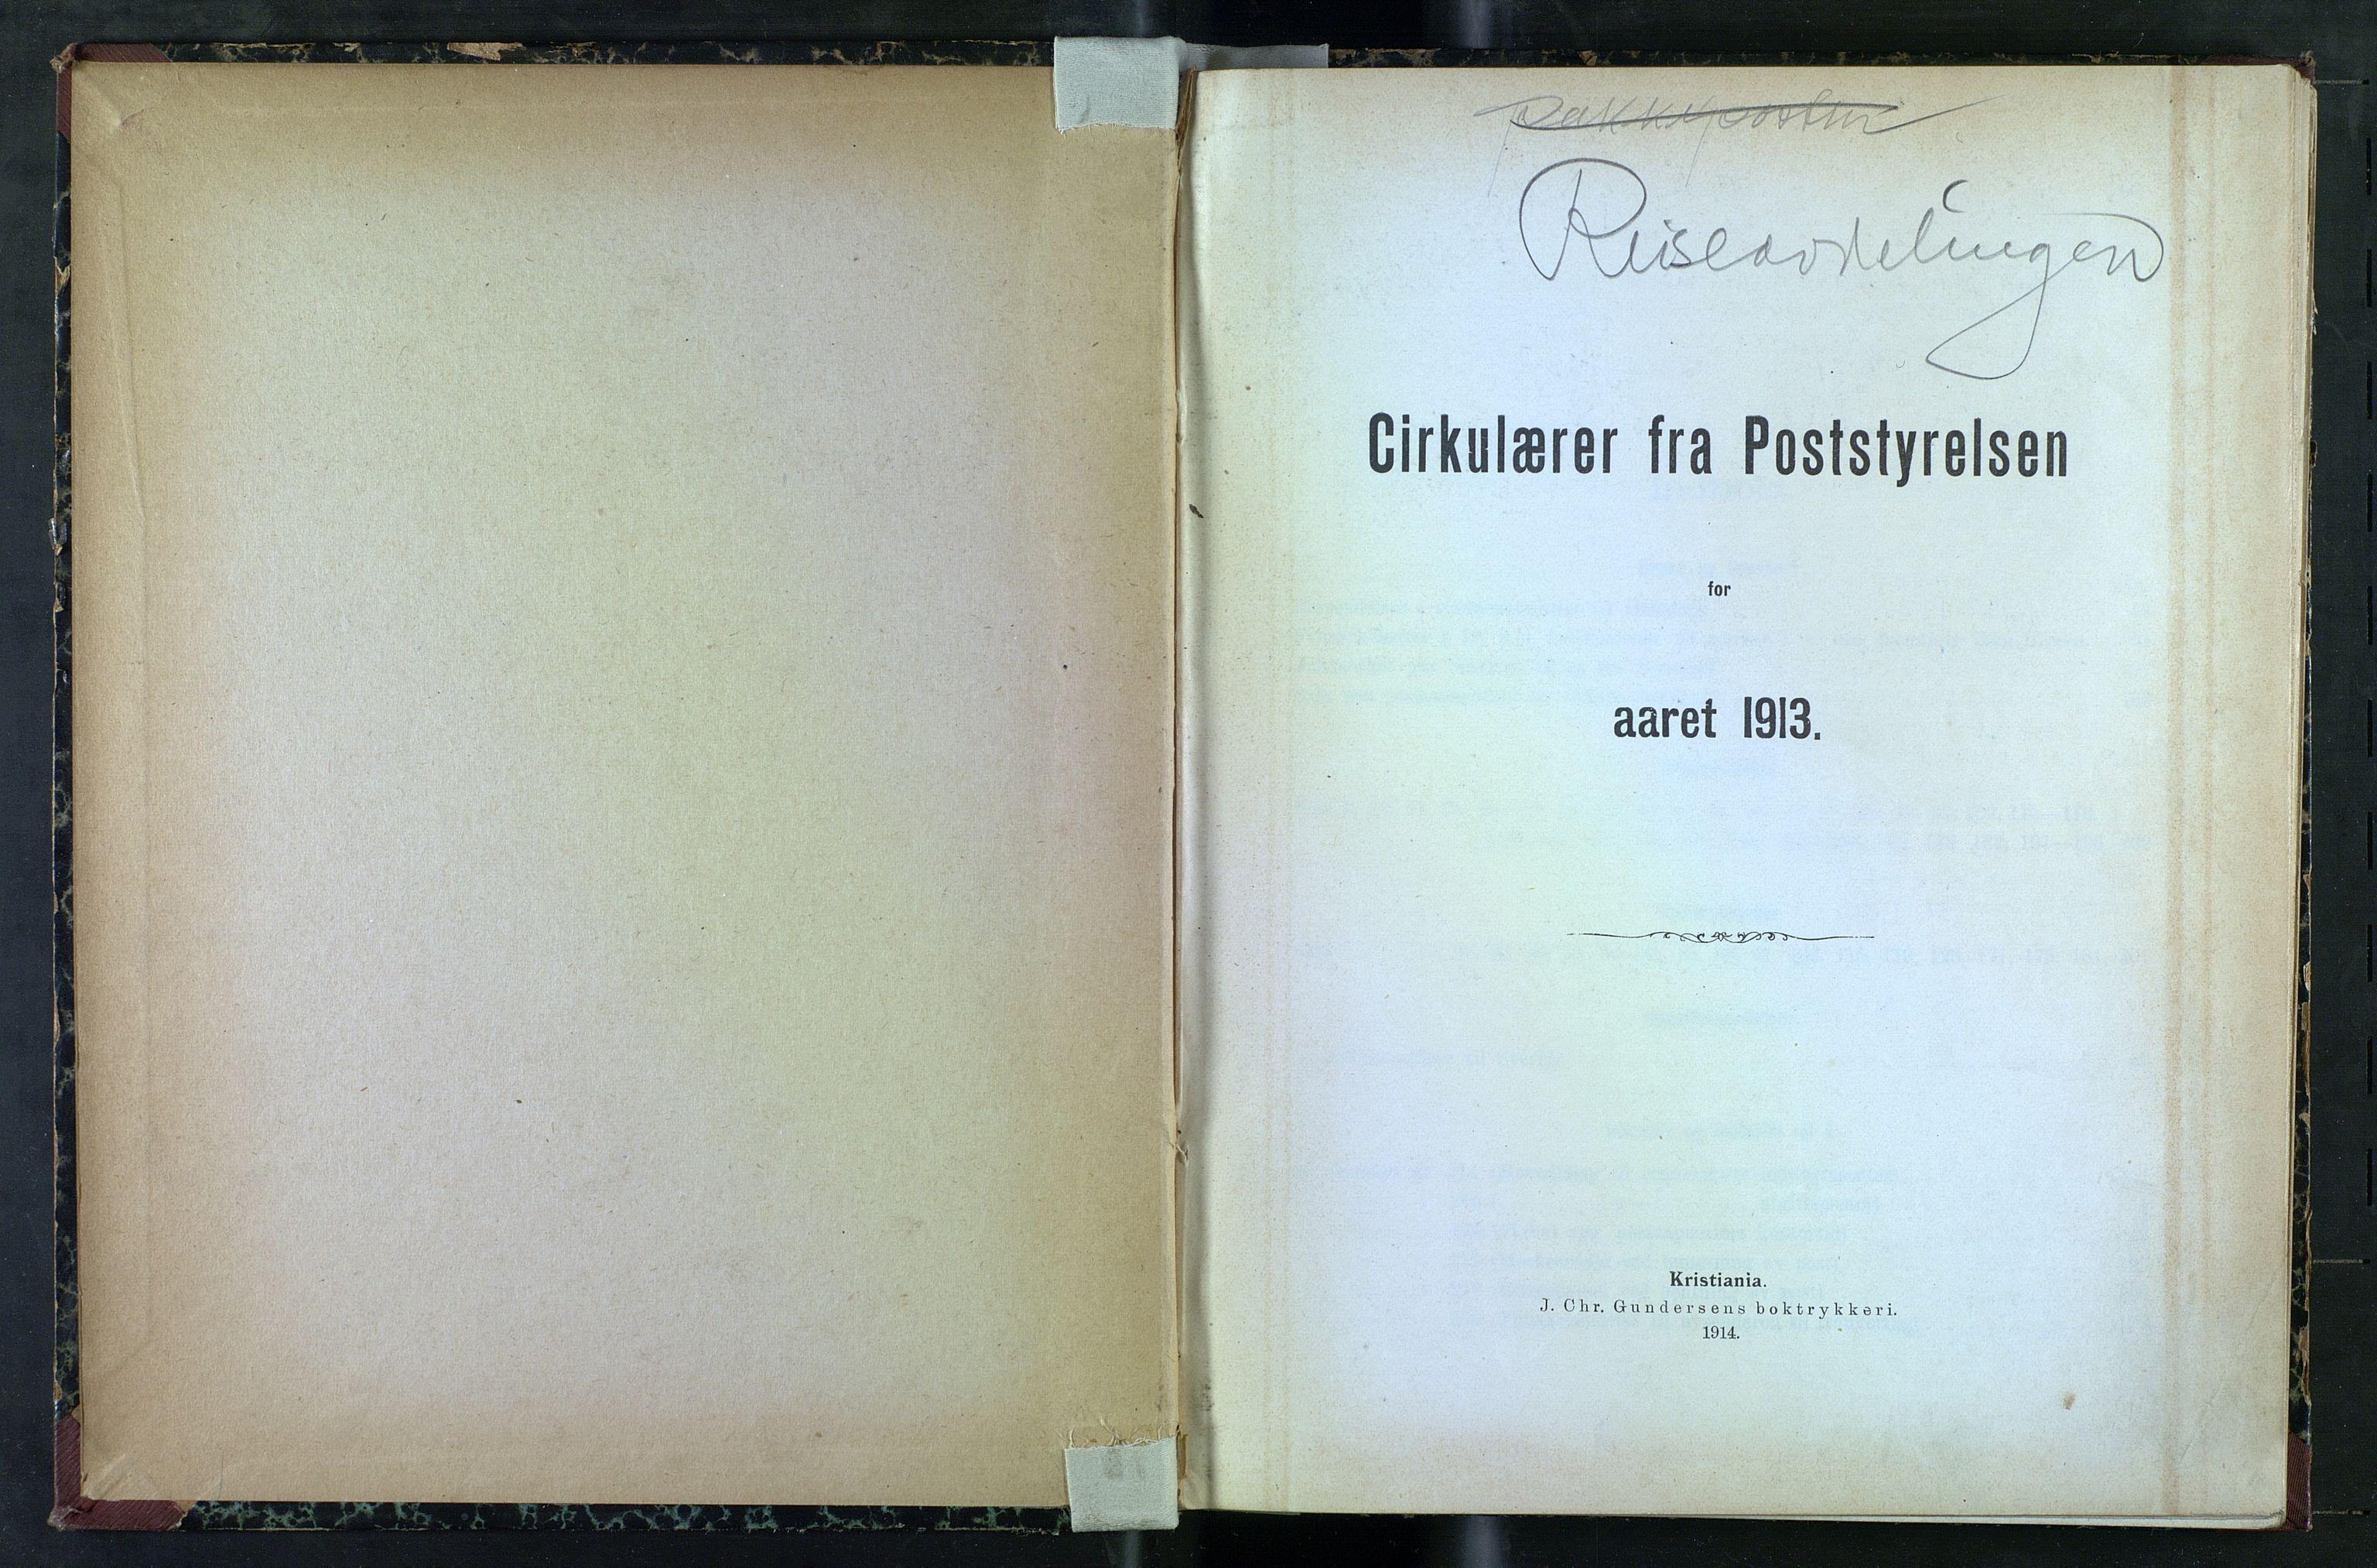 NOPO, Norges Postmuseums bibliotek, -/-: Sirkulærer fra Poststyrelsen, 1913